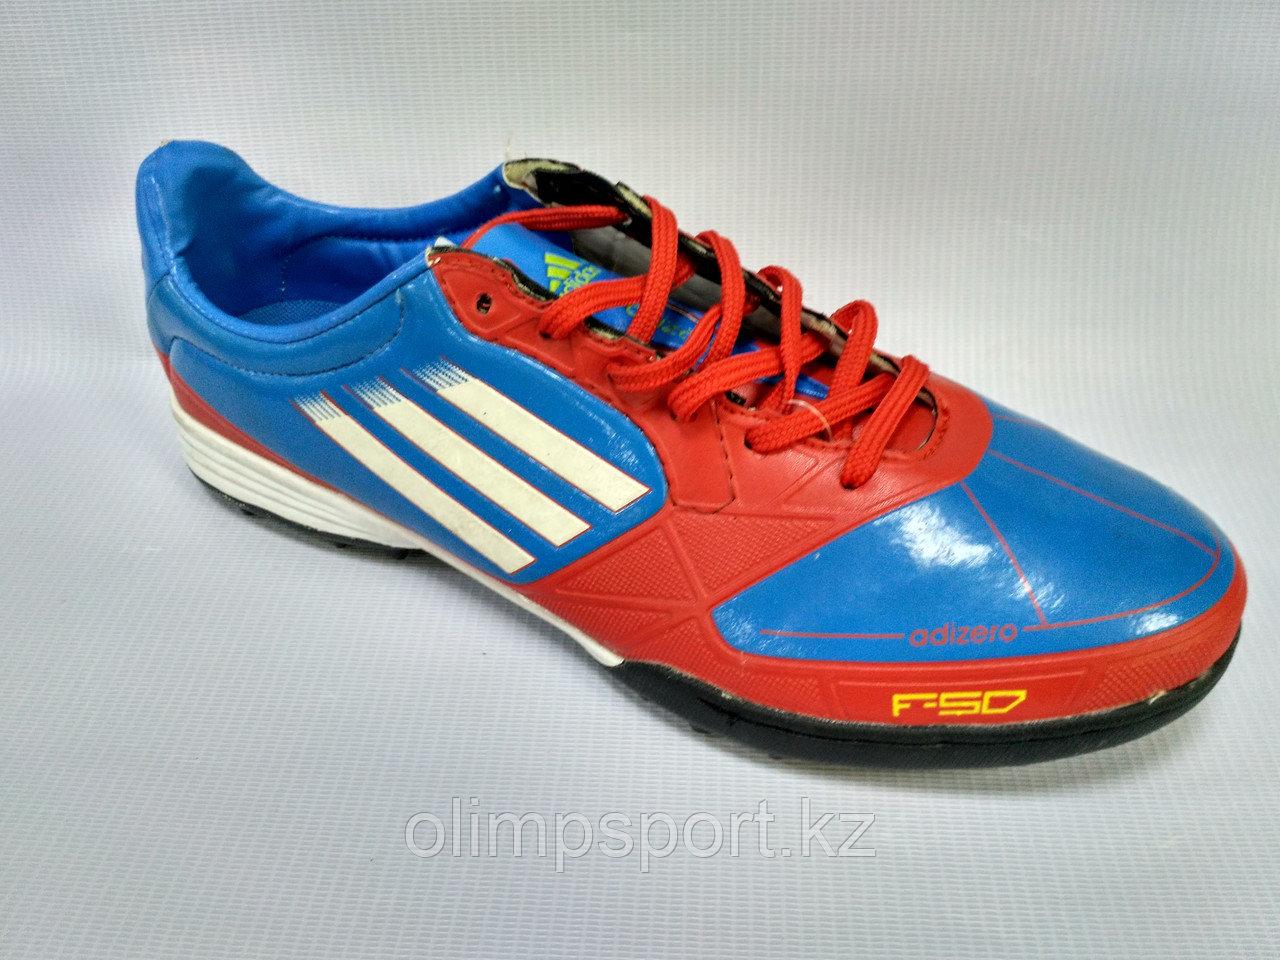 Обувь для футбола, шиповки, сороконожки  Adidas